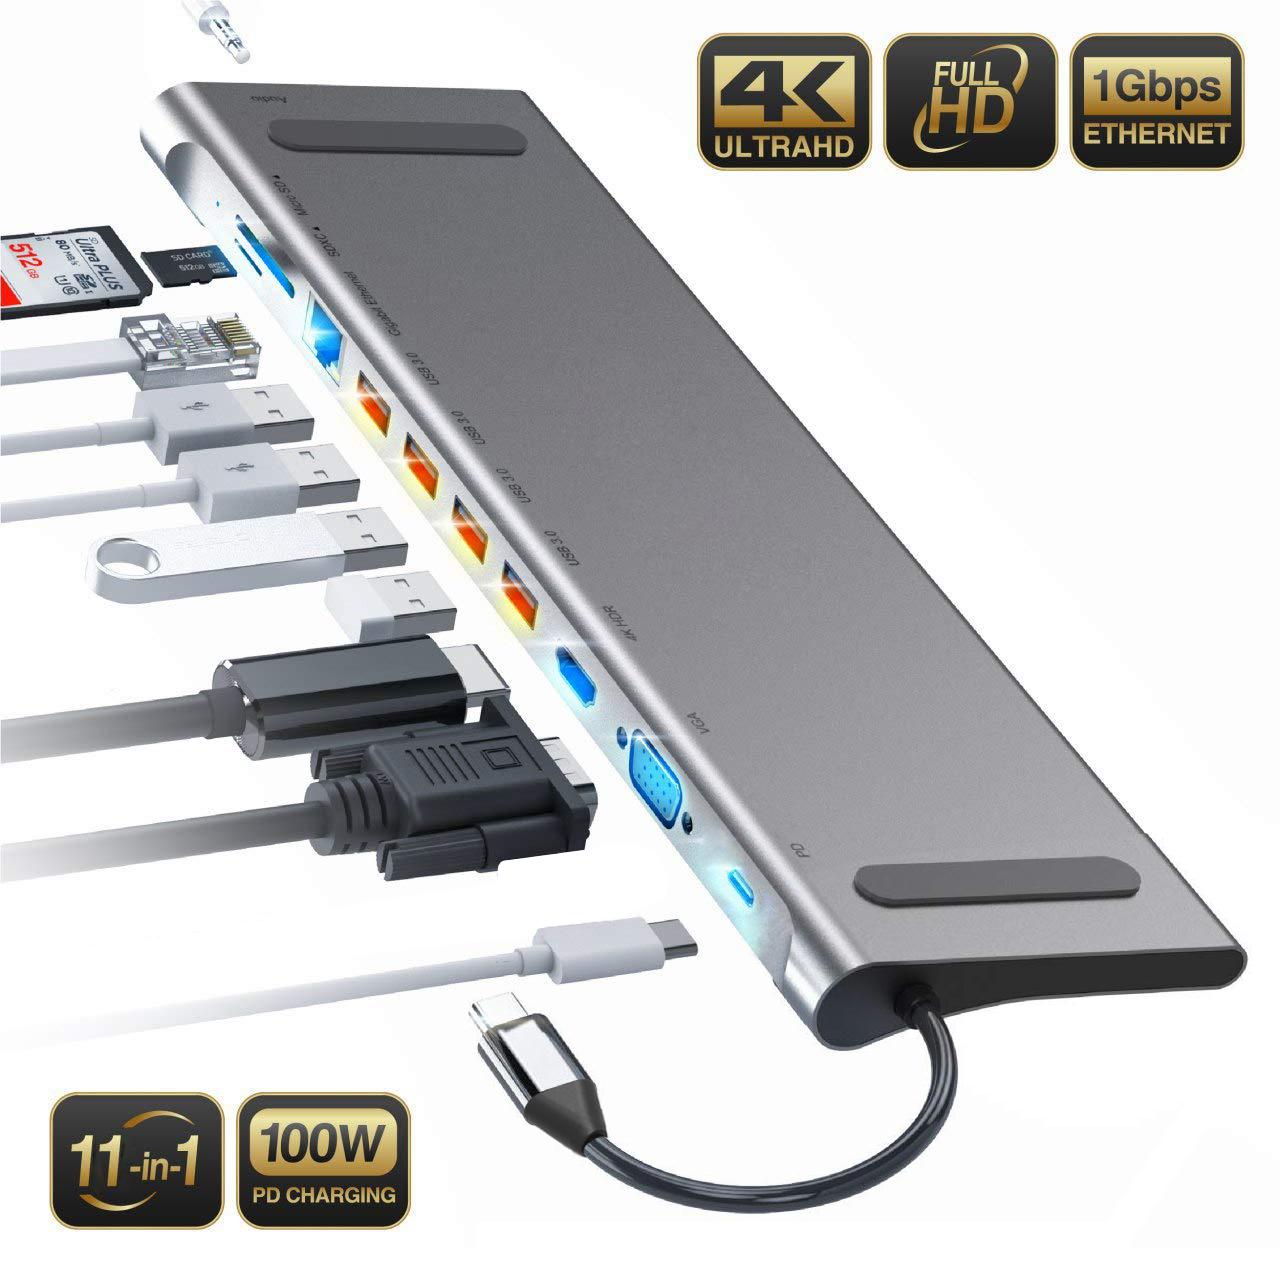 11 Trong 1 USB C HUB Với HDML 4K Và 87W PD Sạc Adapter Đối Với Macbook Pro Và huawei